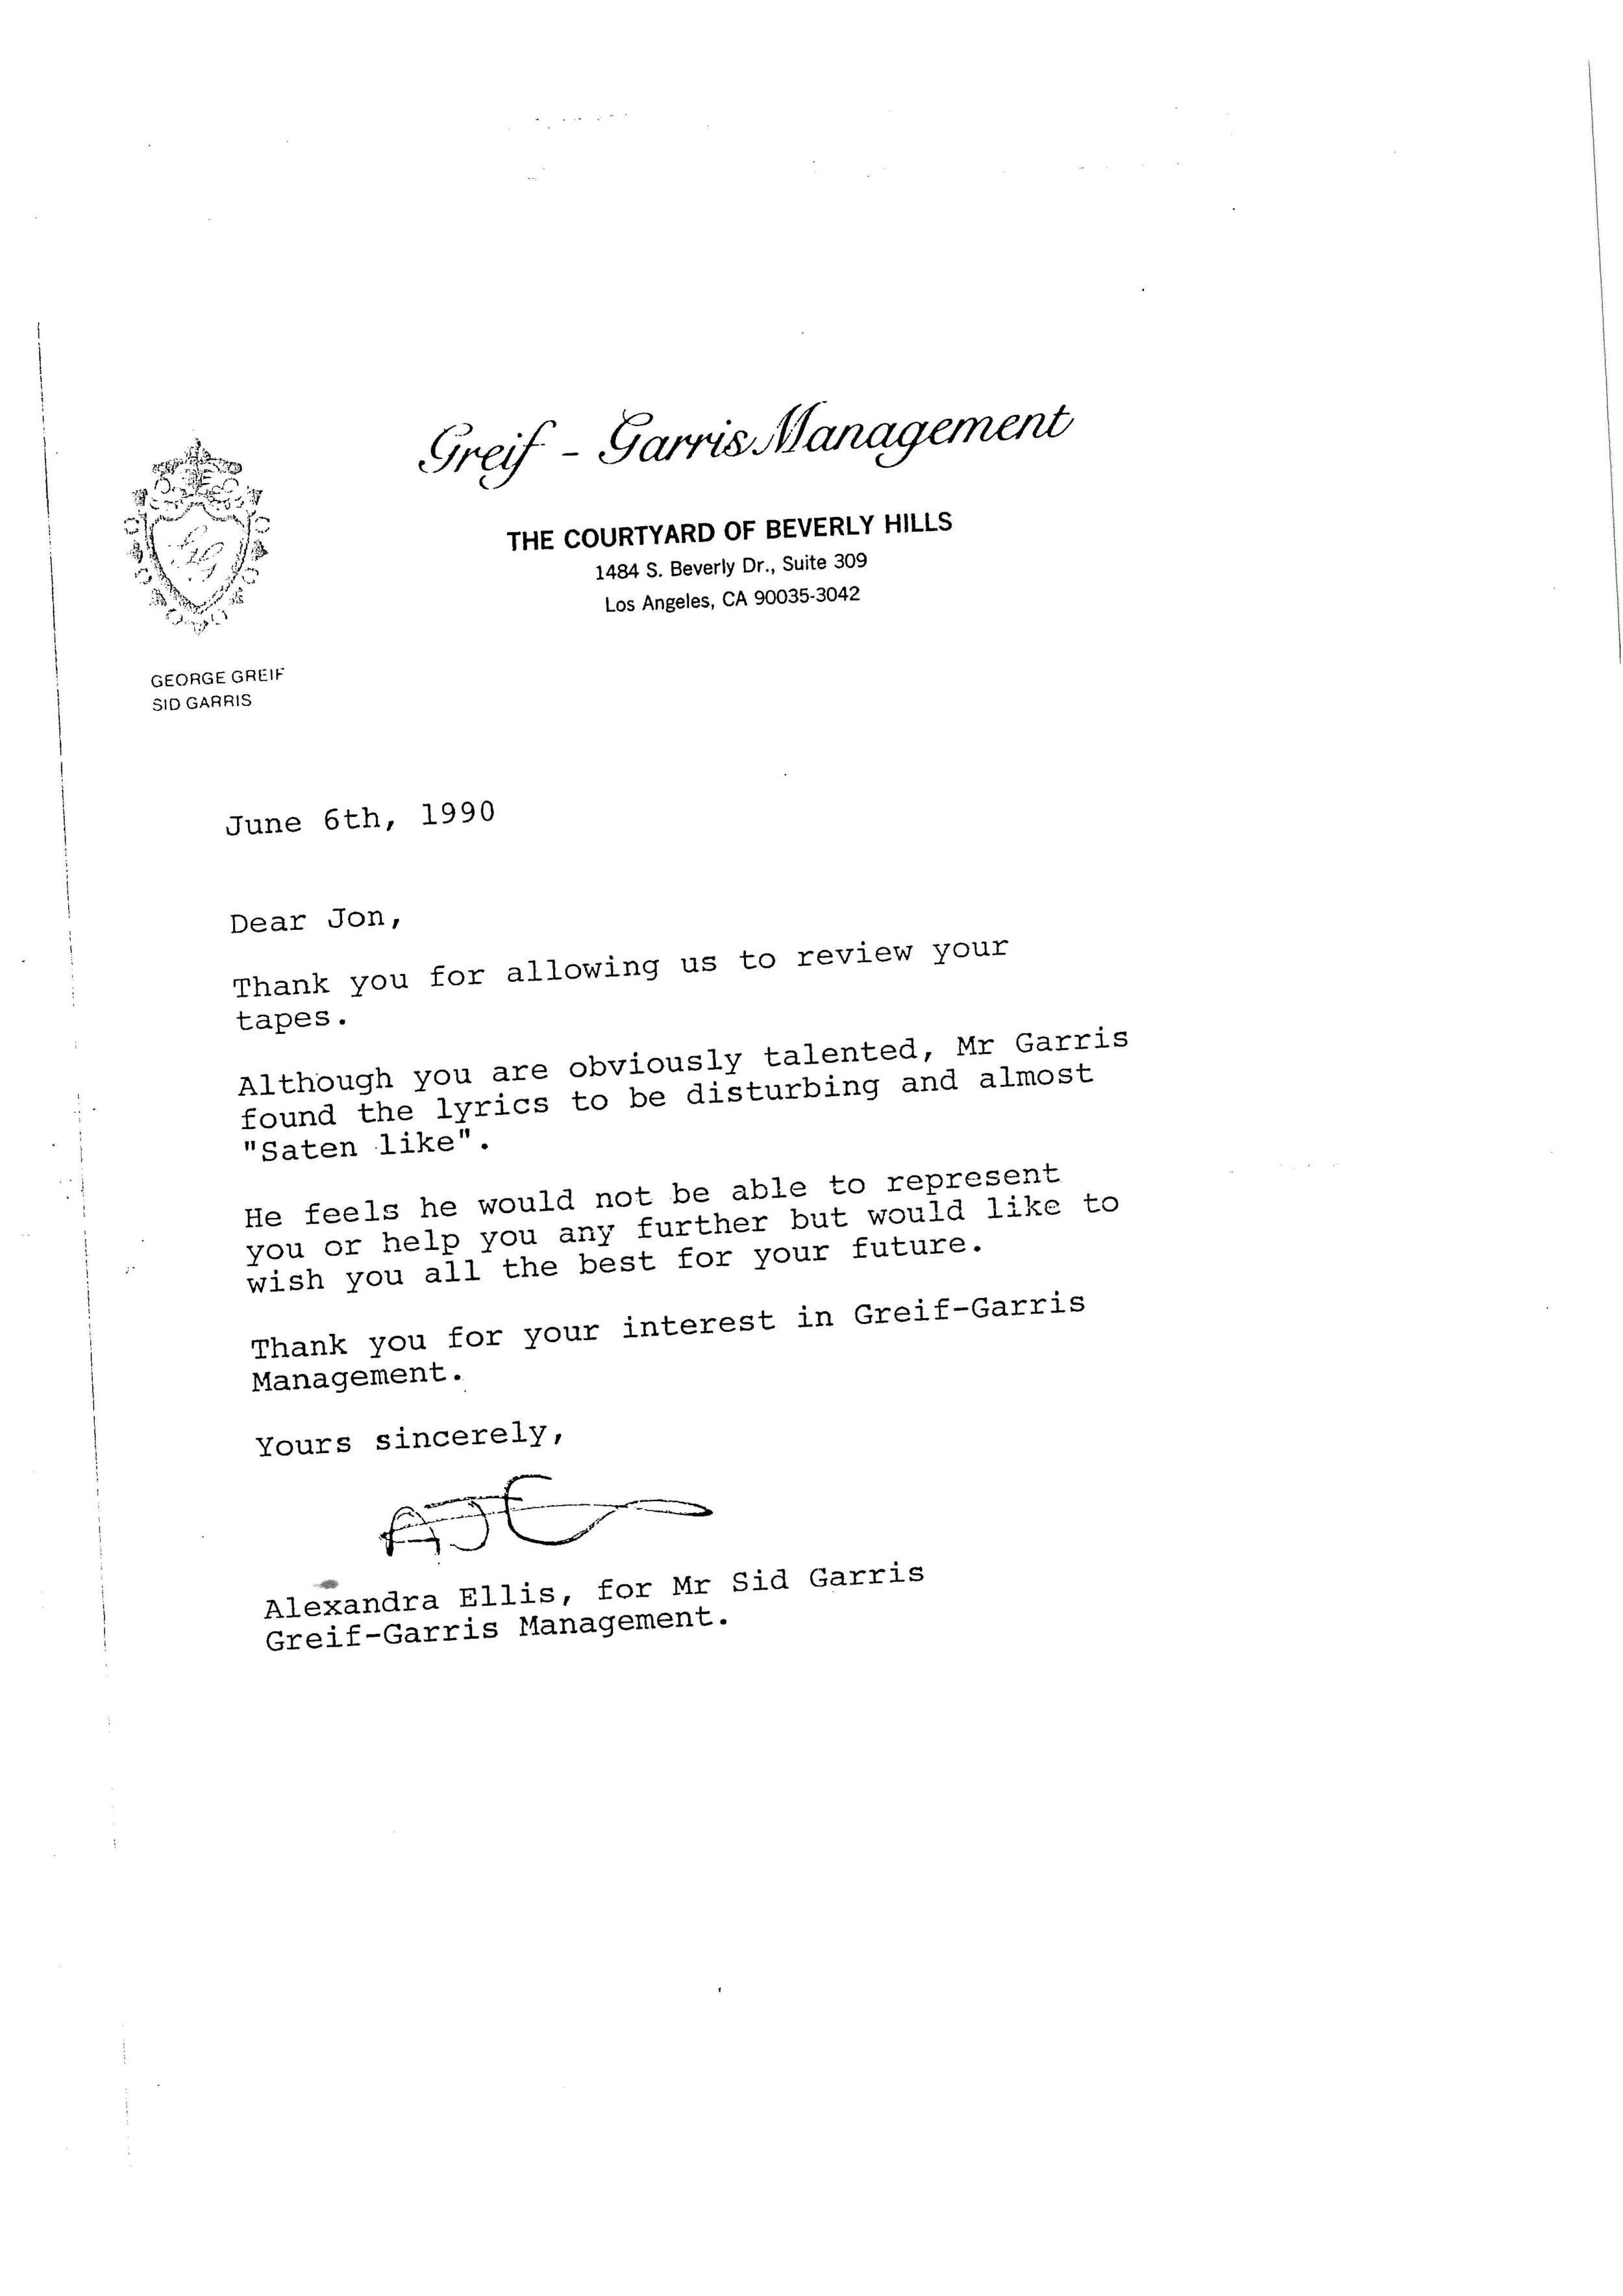 Greif-Garris Management 1990.jpg